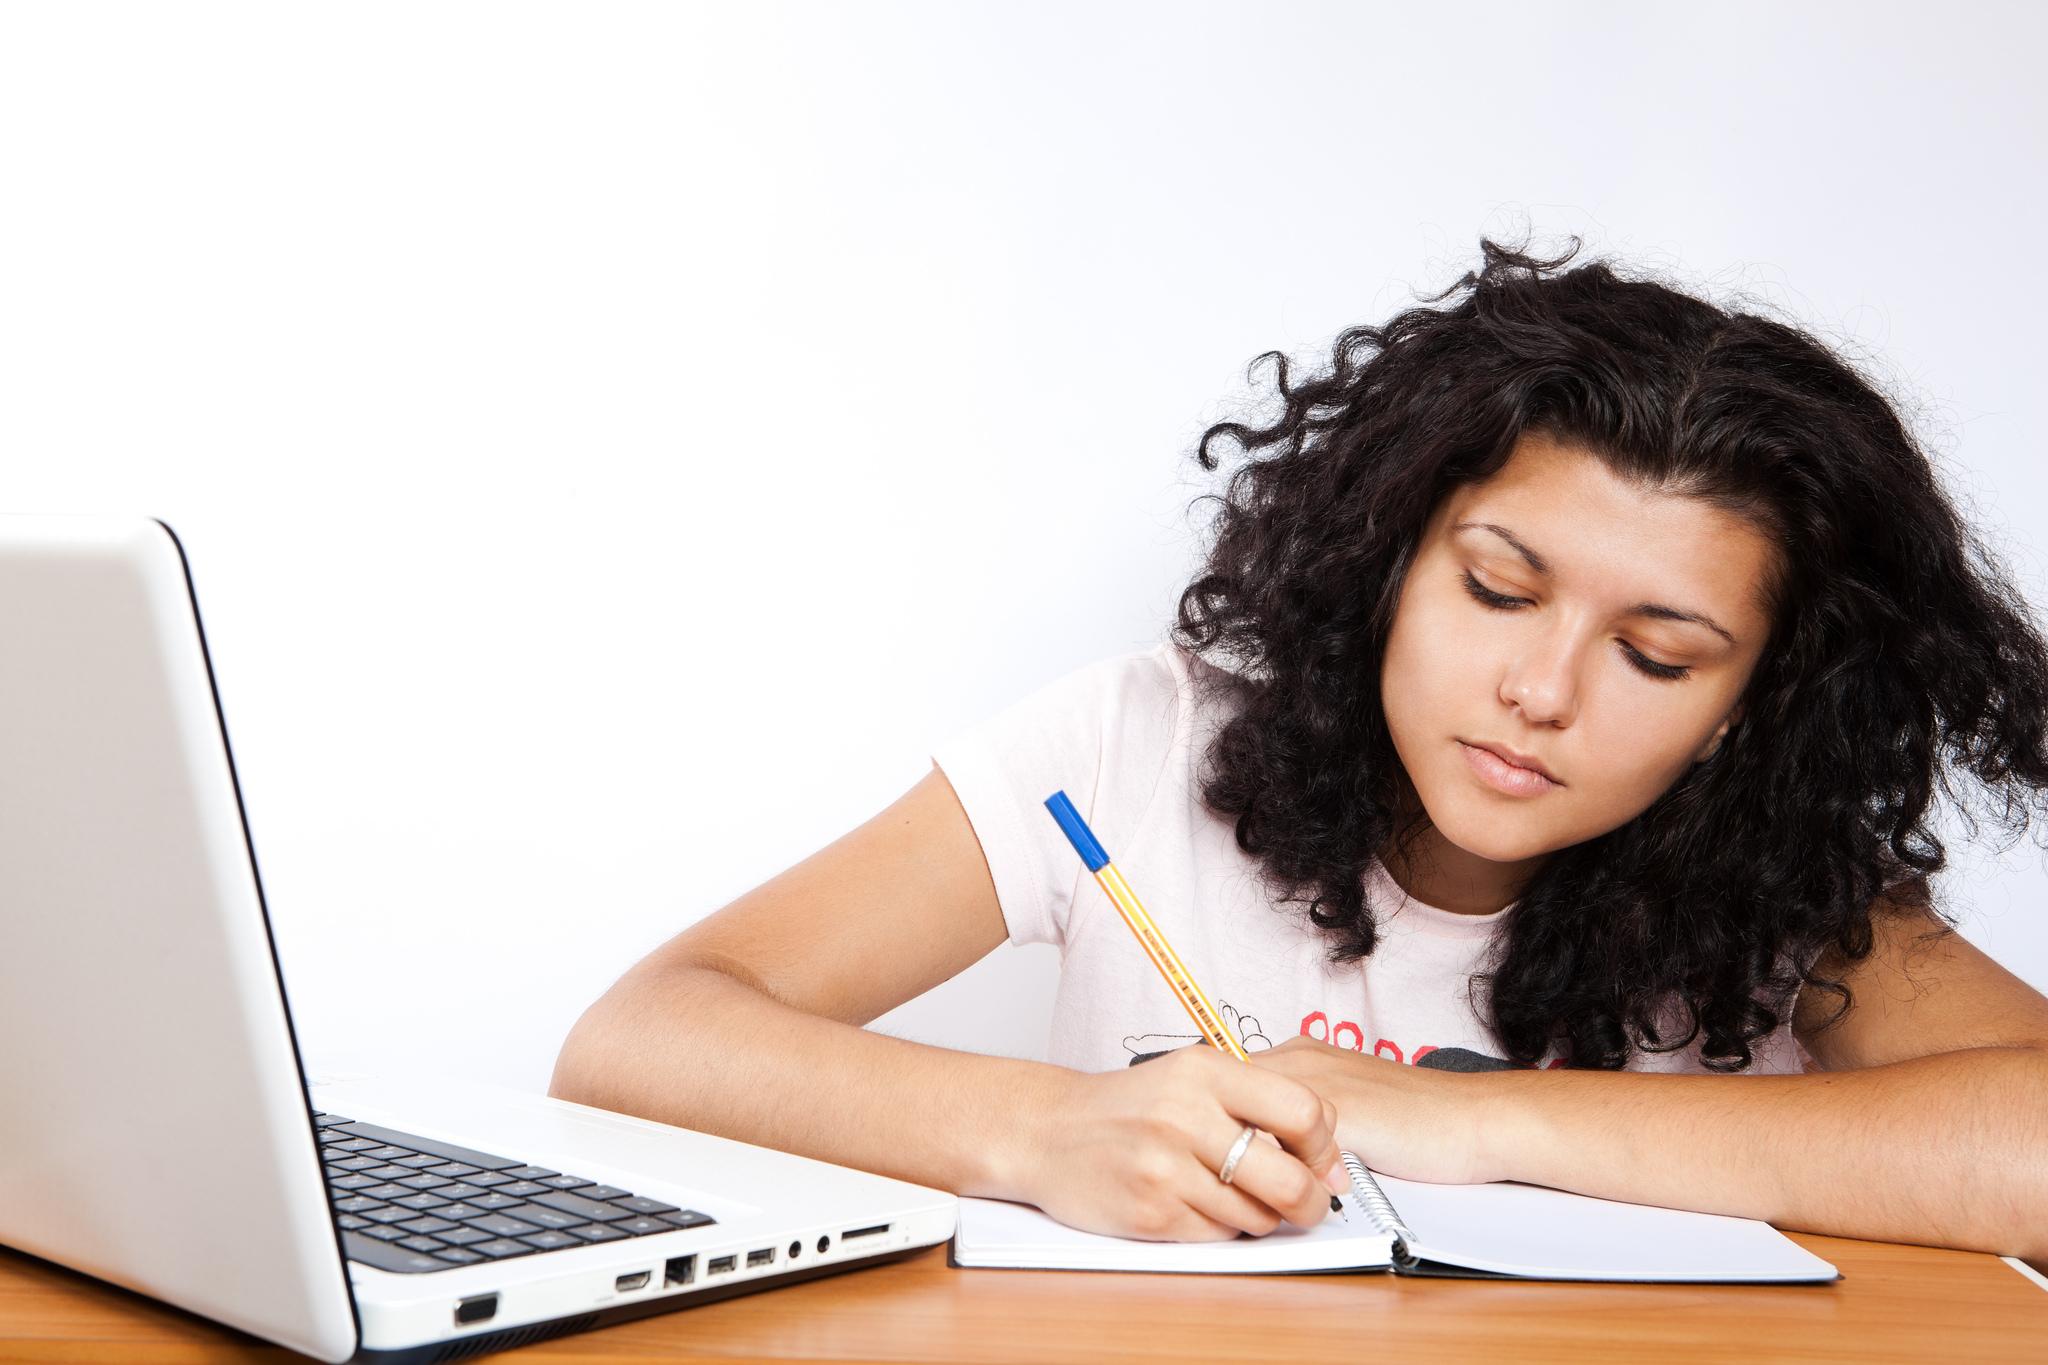 philosophischen essay or dissertation verfassen einfach